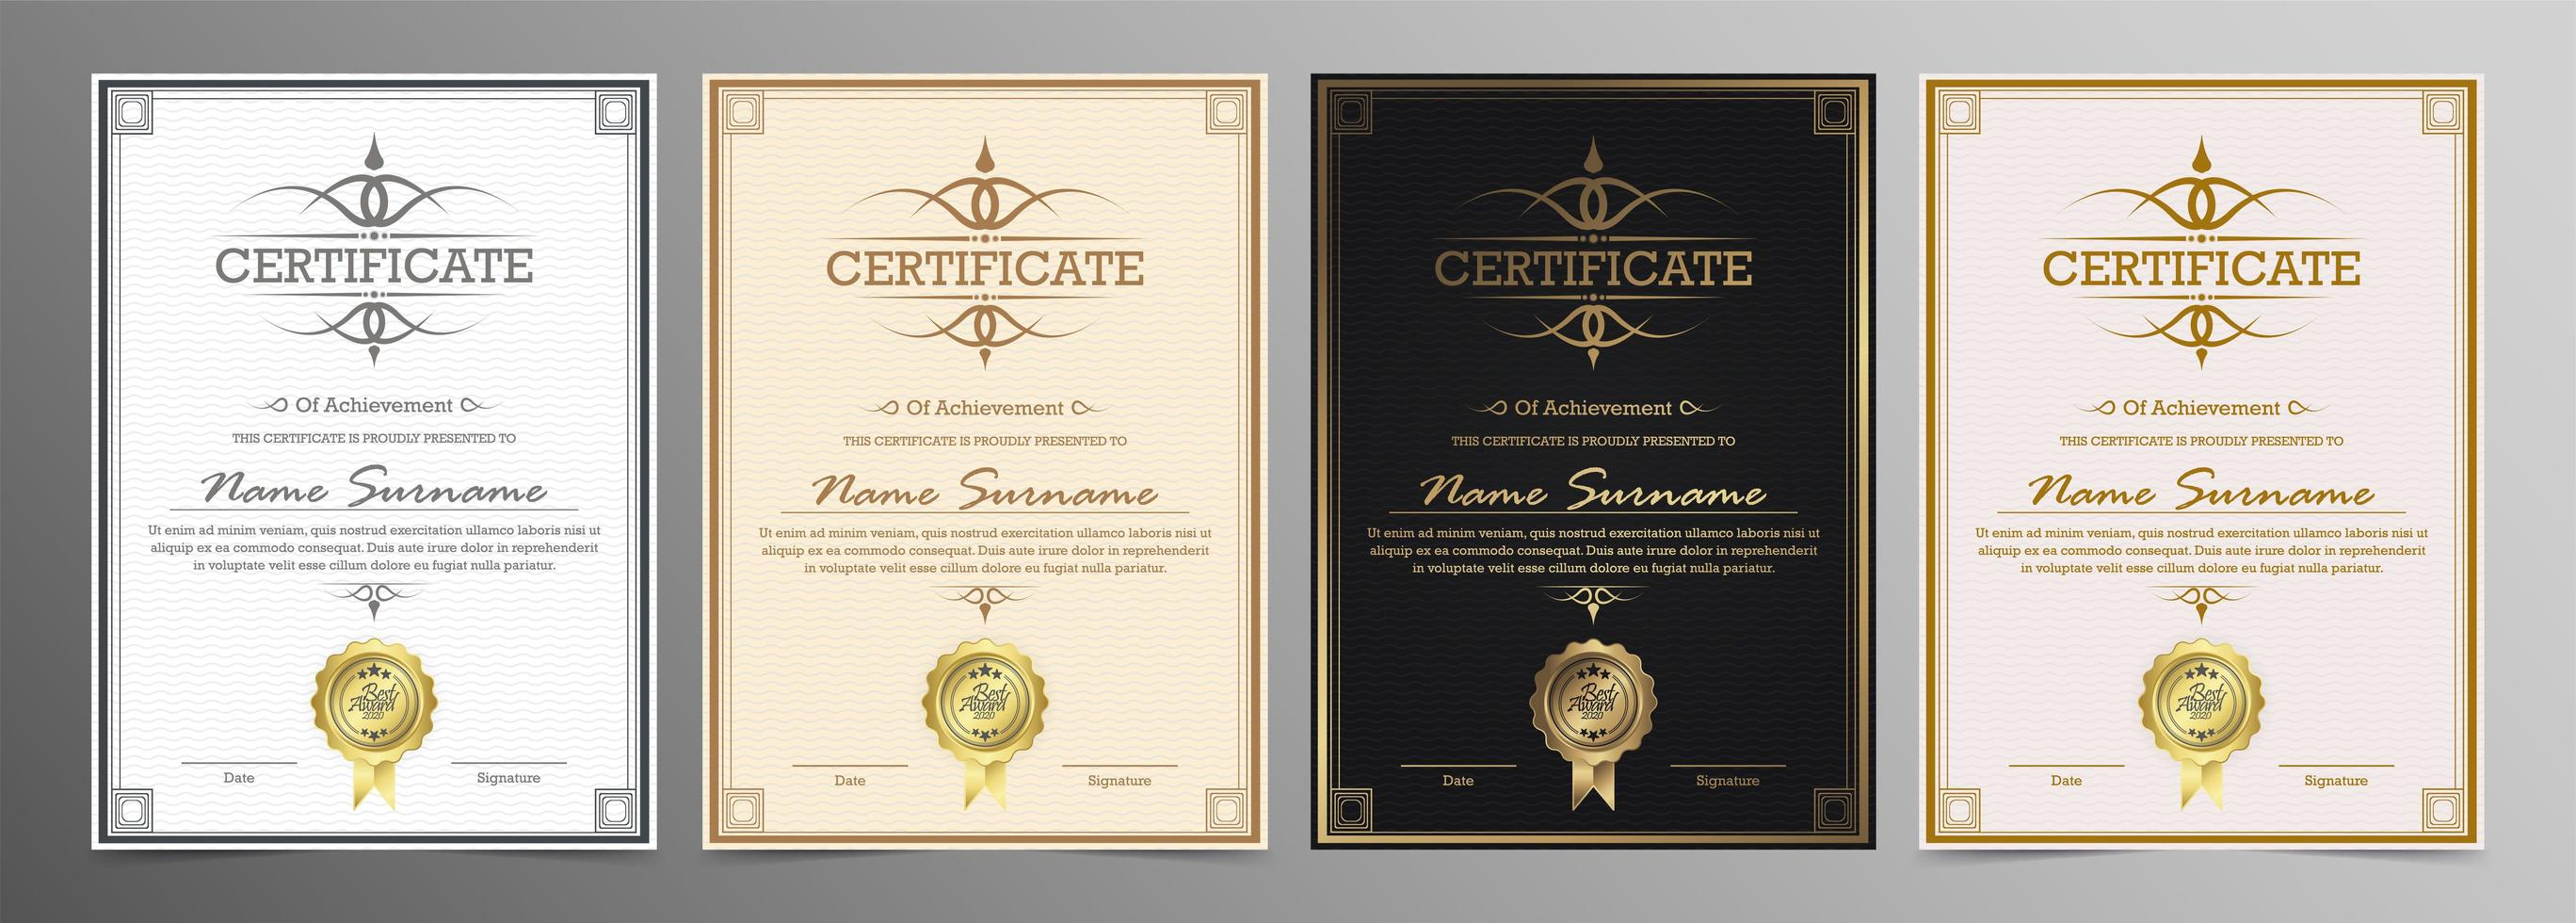 ensemble de diplôme de modèle de certificat vecteur